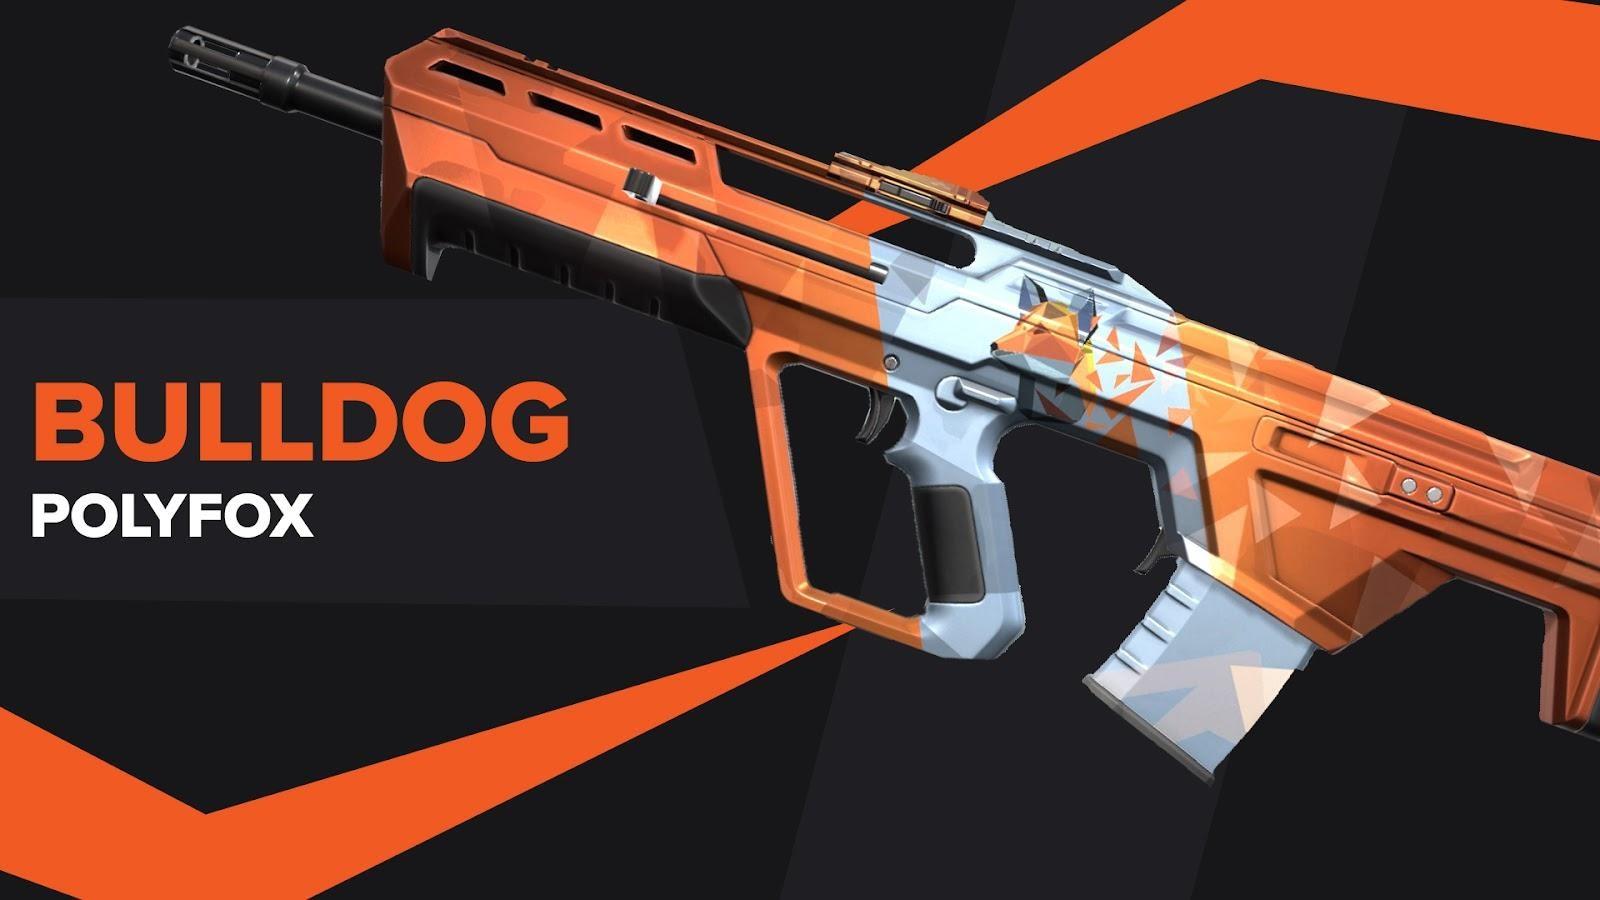 Bulldog Polyfox Skin